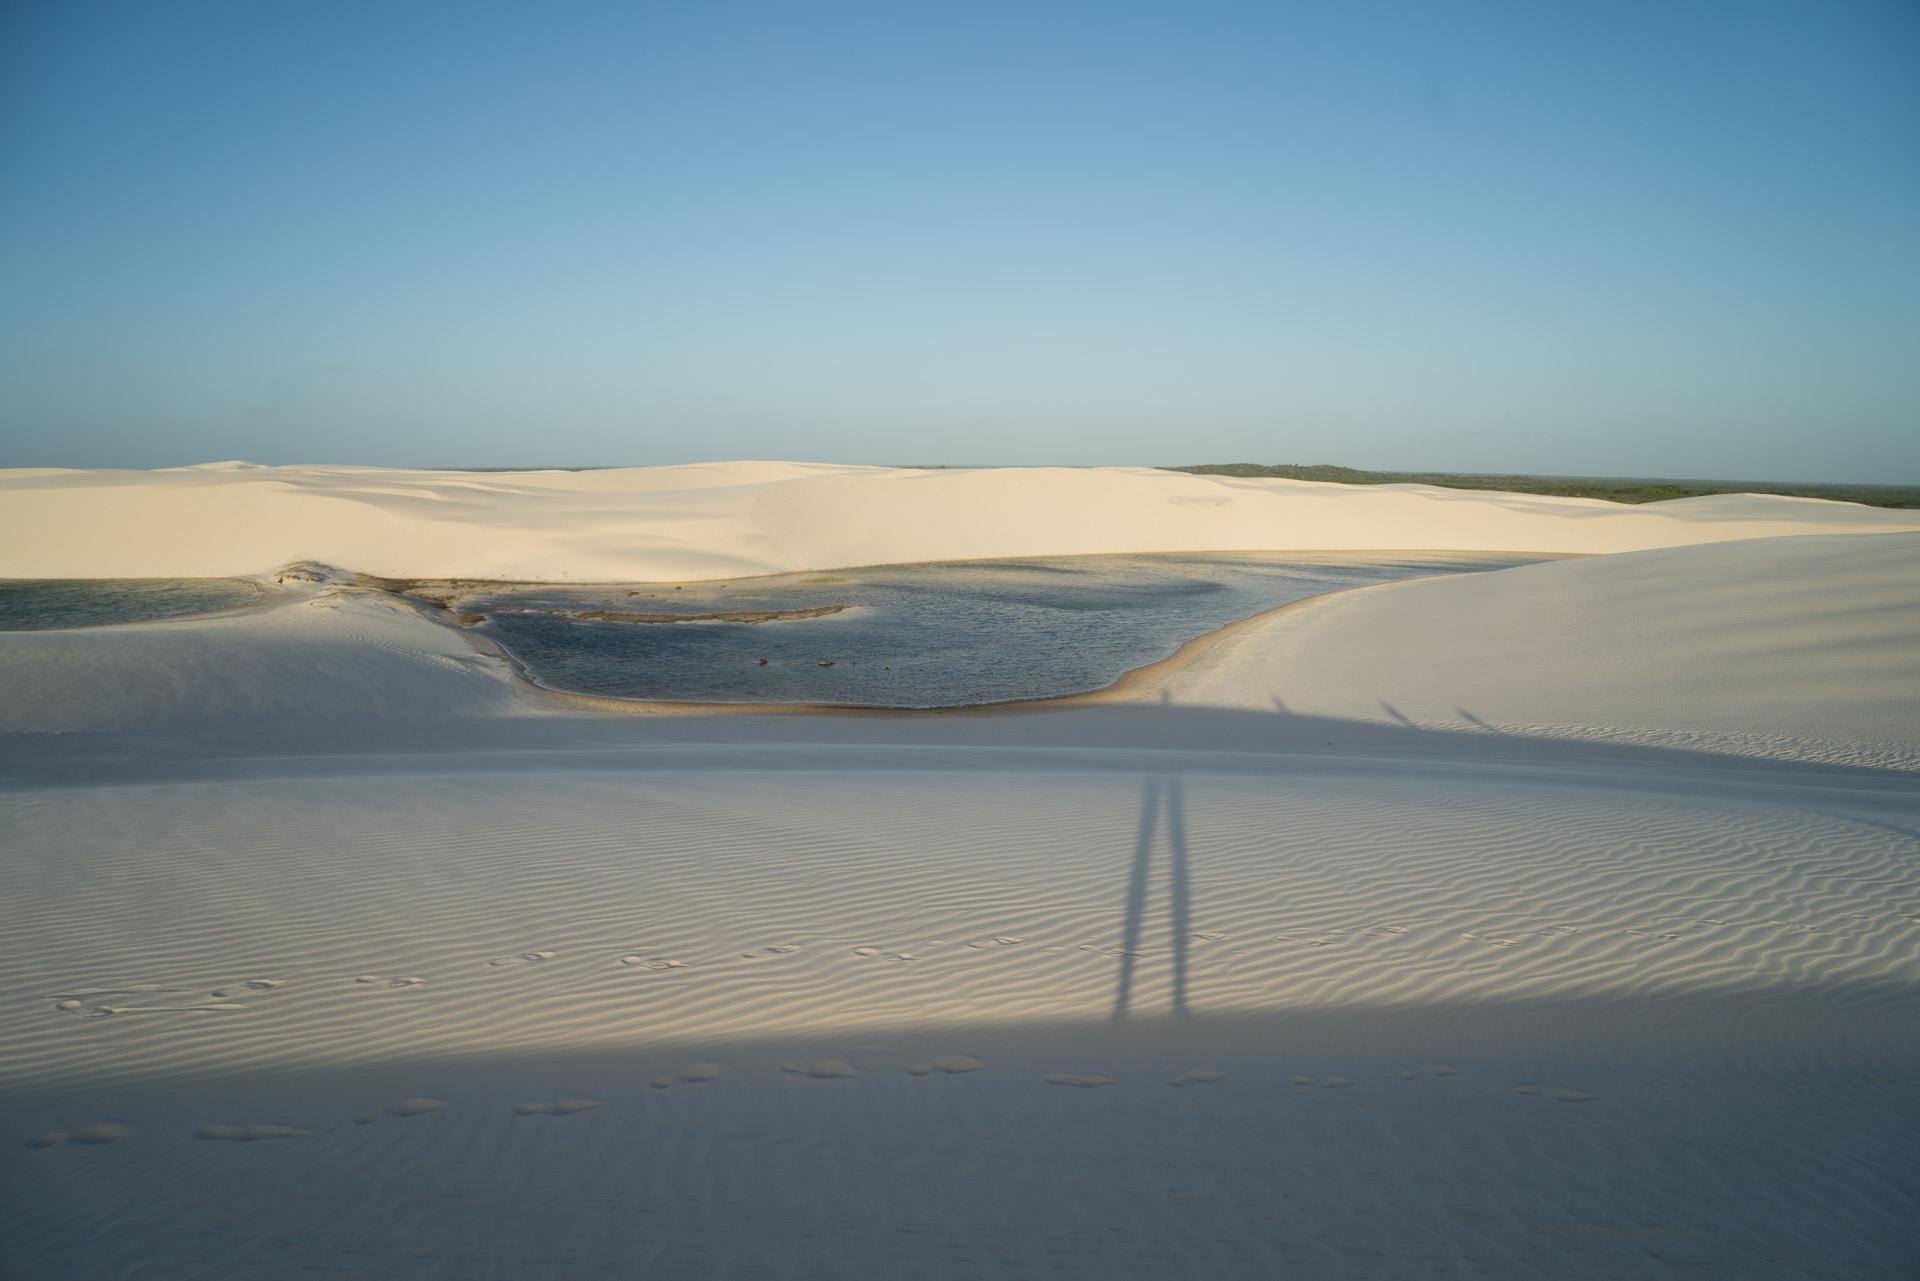 Lençóis Maranhenses National Park - Barreirinhas 6